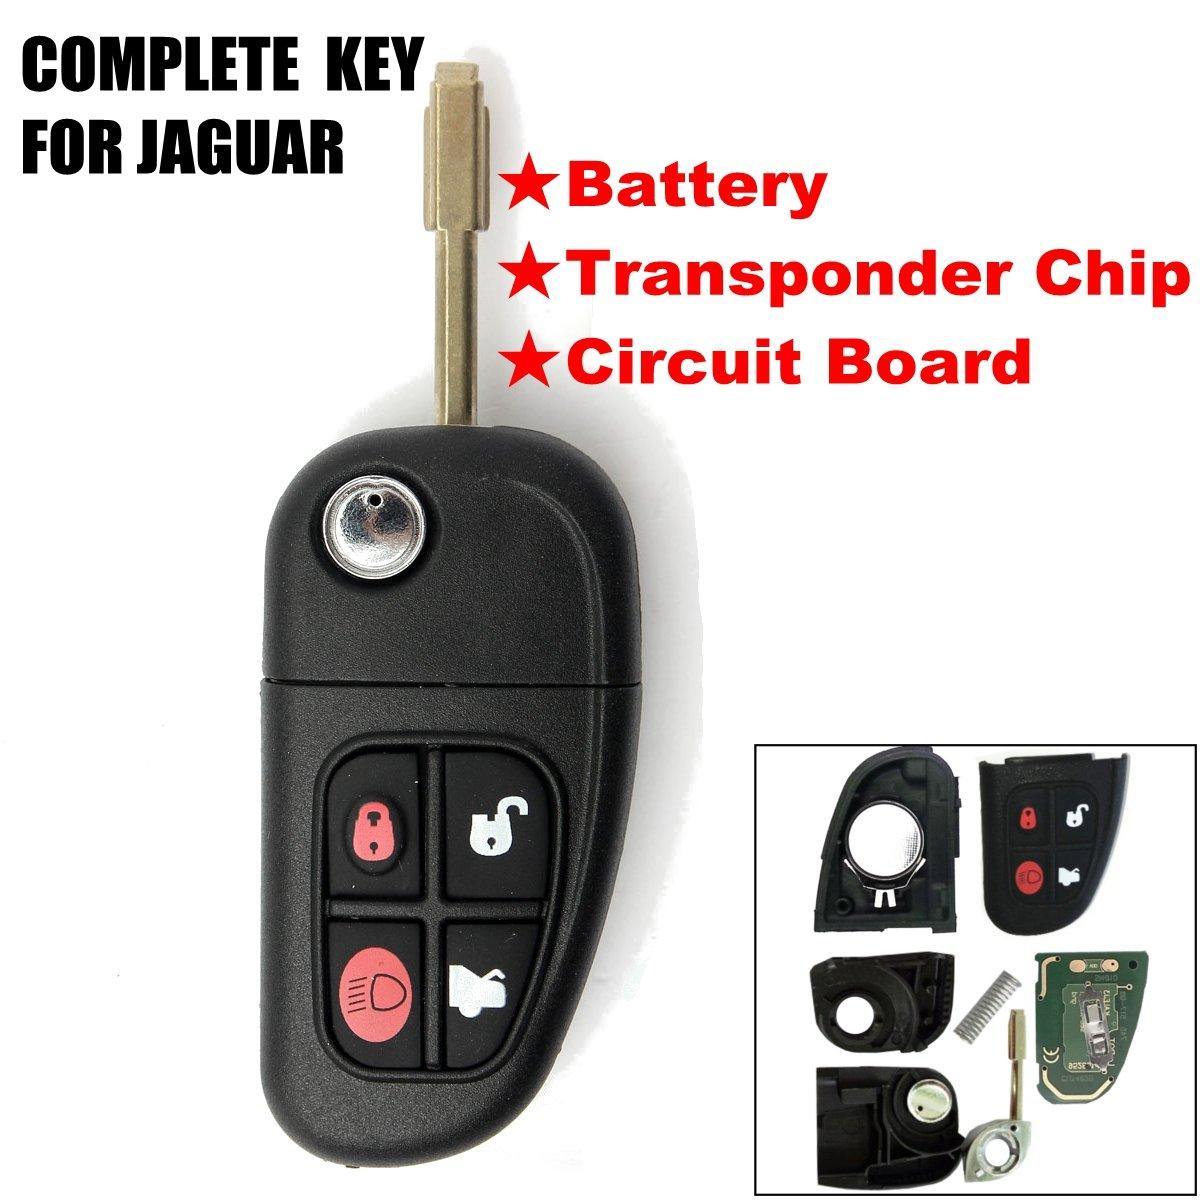 KaTur 1Pcs 4 Buttons 433Mhz Remote Control Car Key Shell Flip Folding Uncut Blade Auto Key Case Cover Replacement with 4D60 Chip for Jaguar